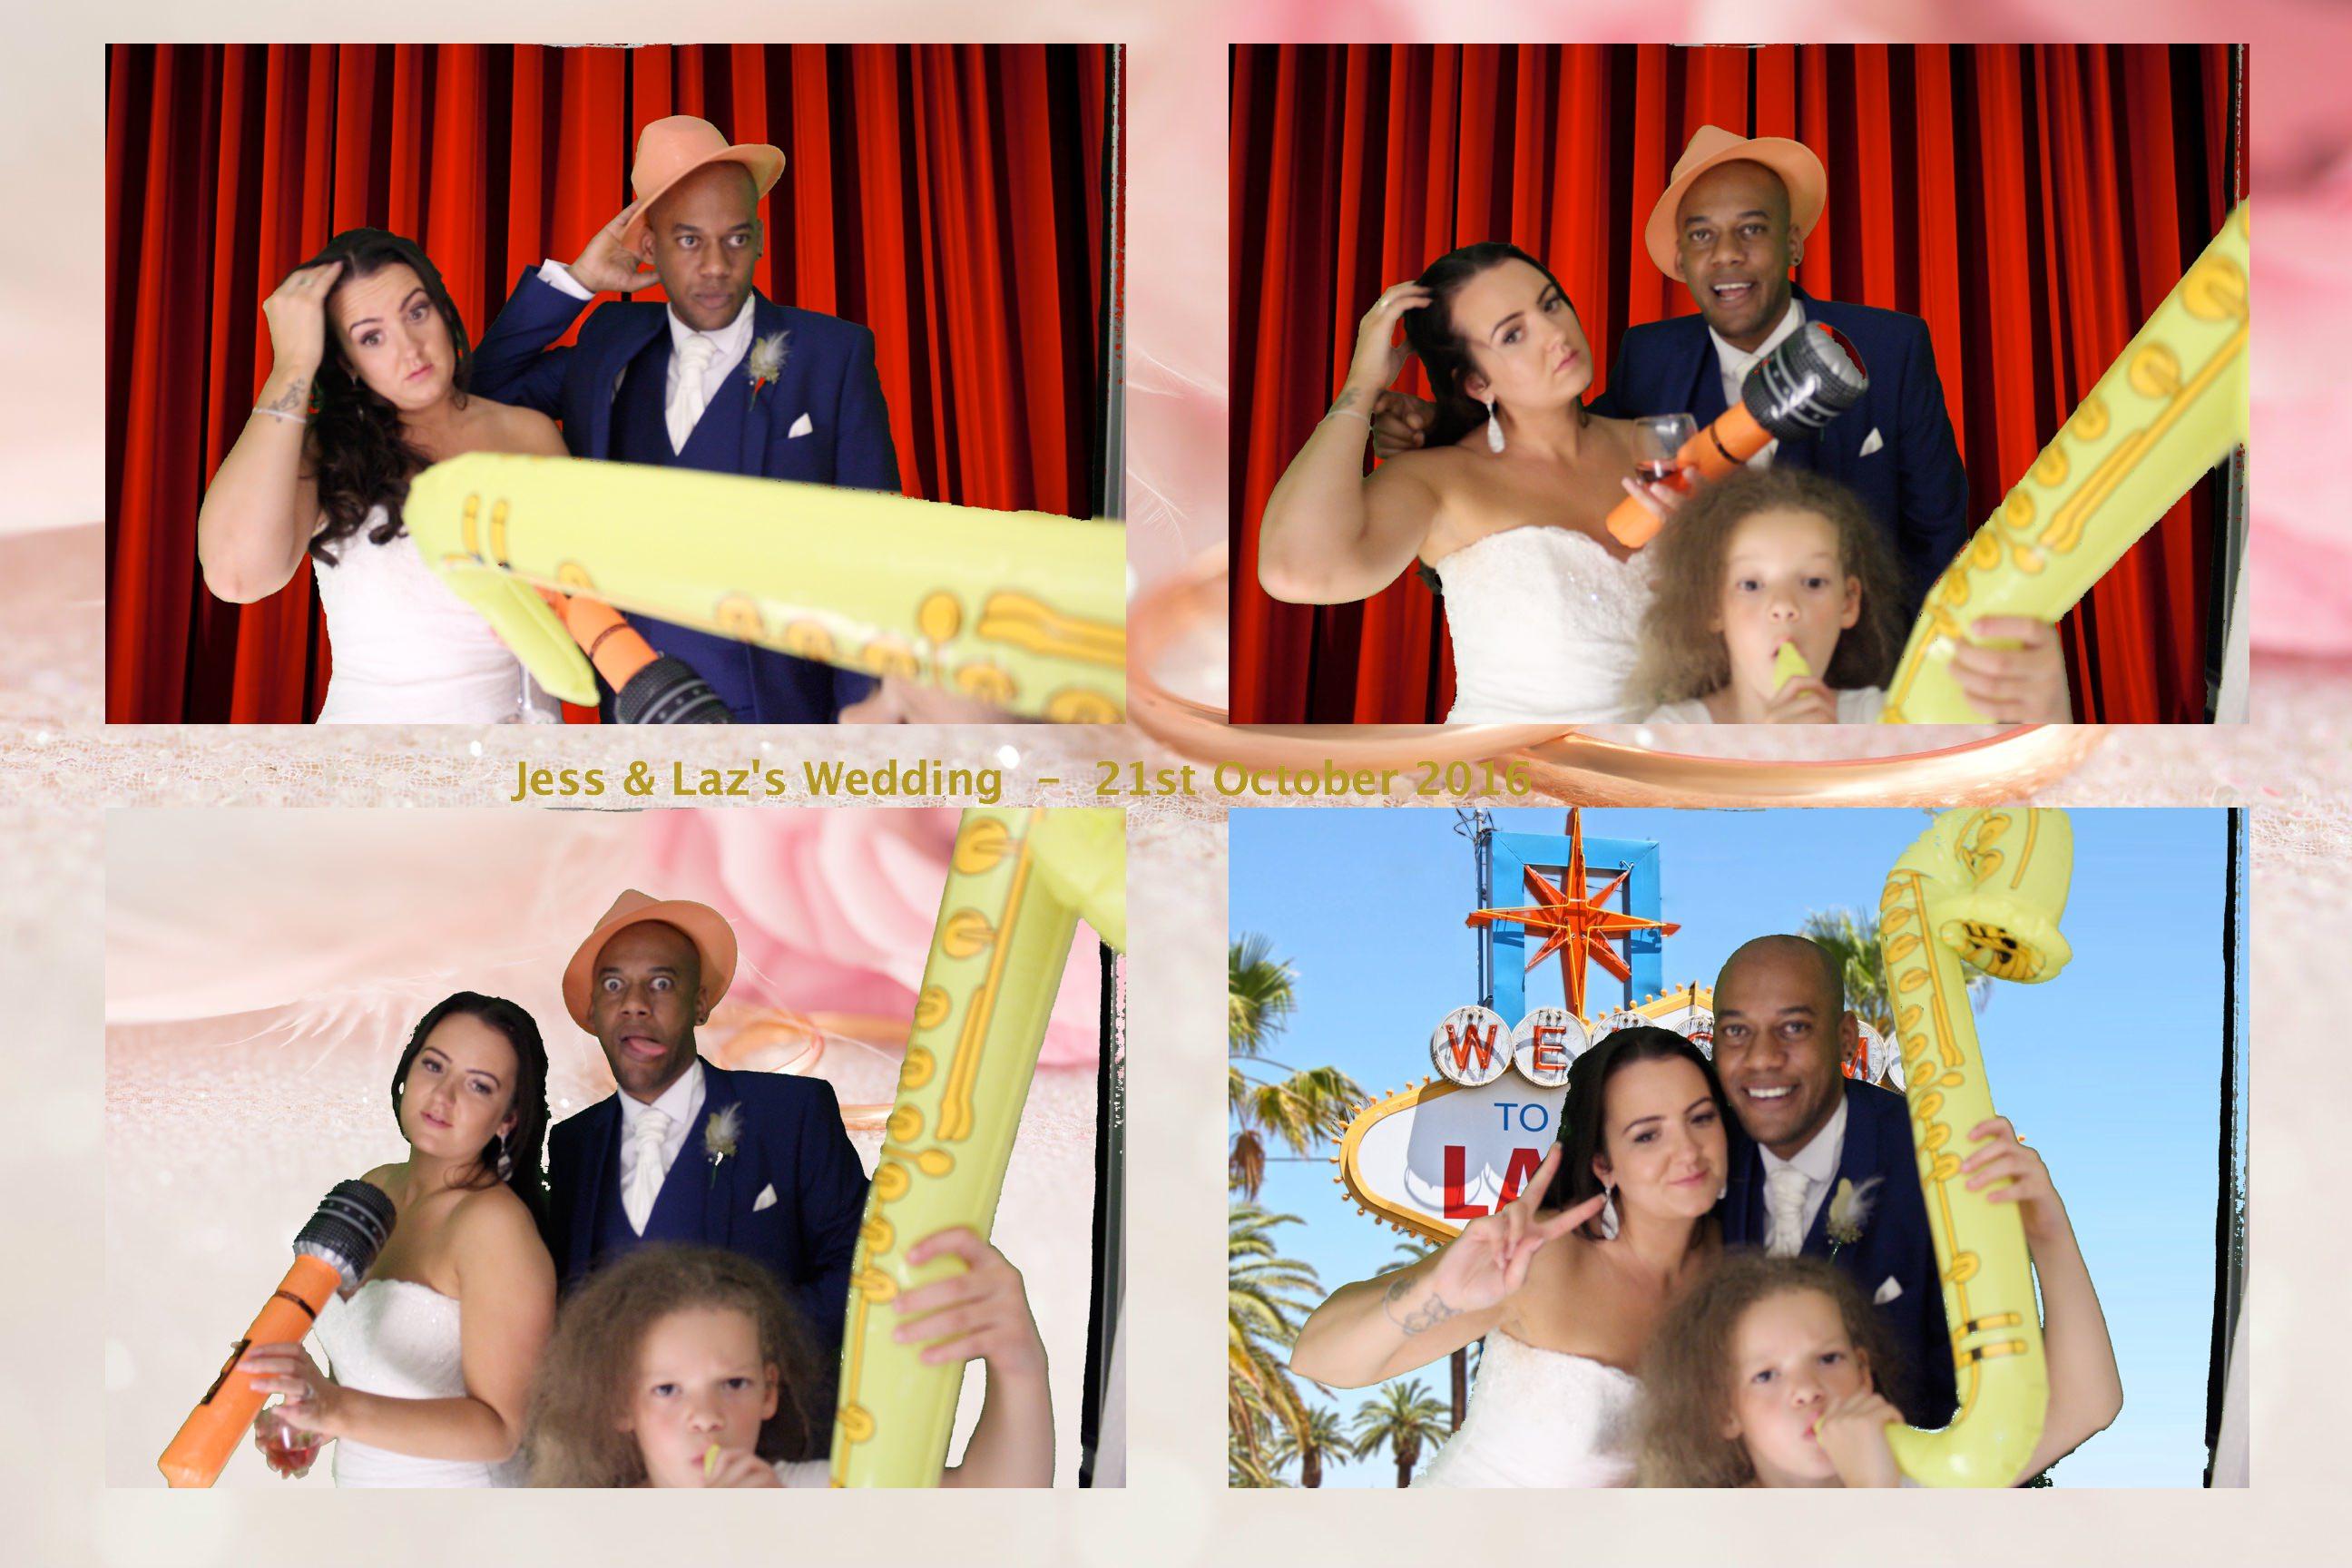 Jess & Laz's Wedding